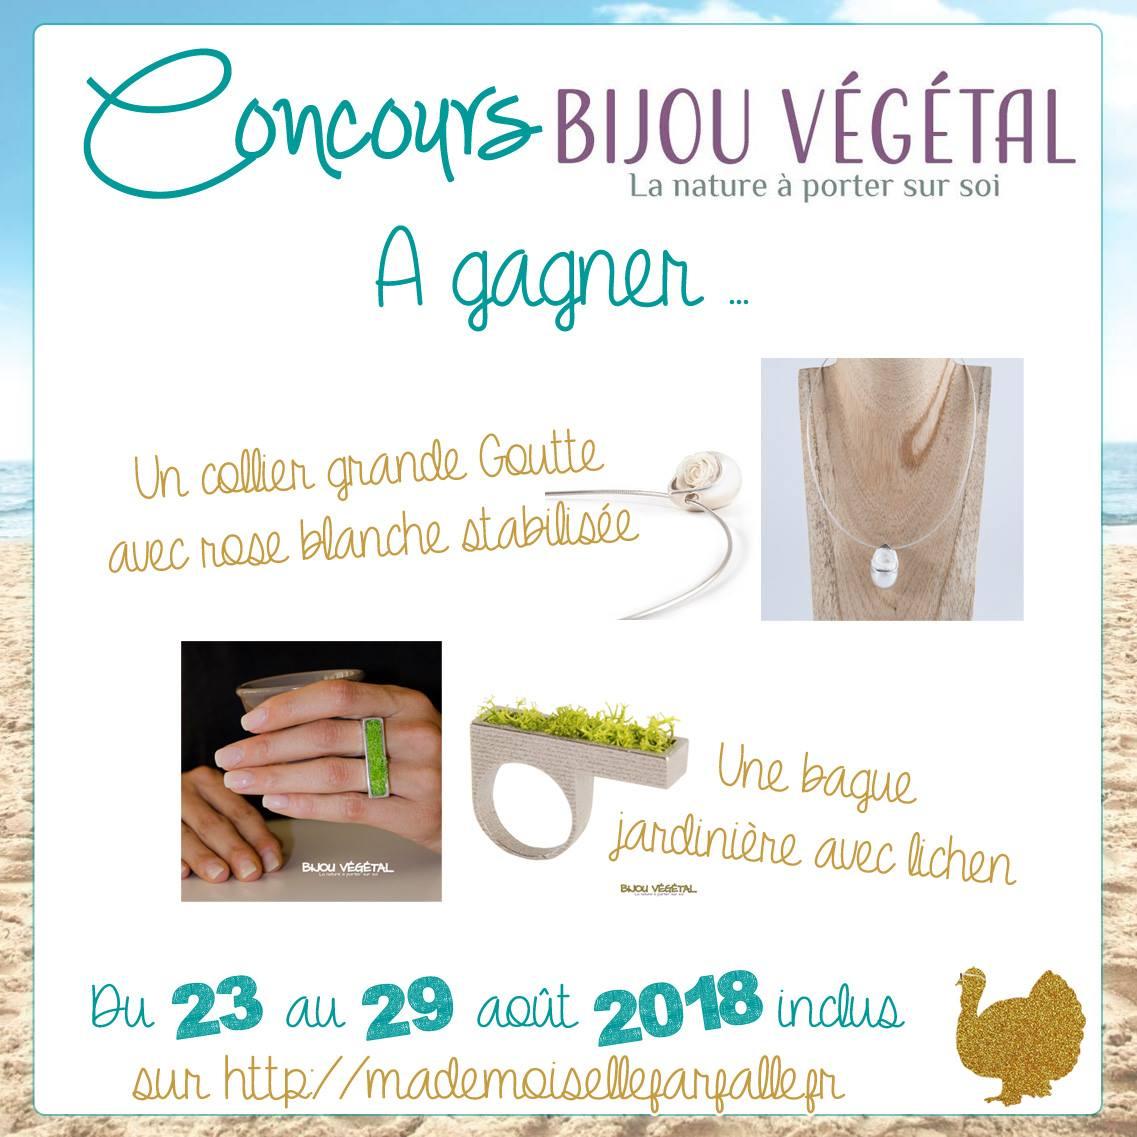 concours Bijou Végétal